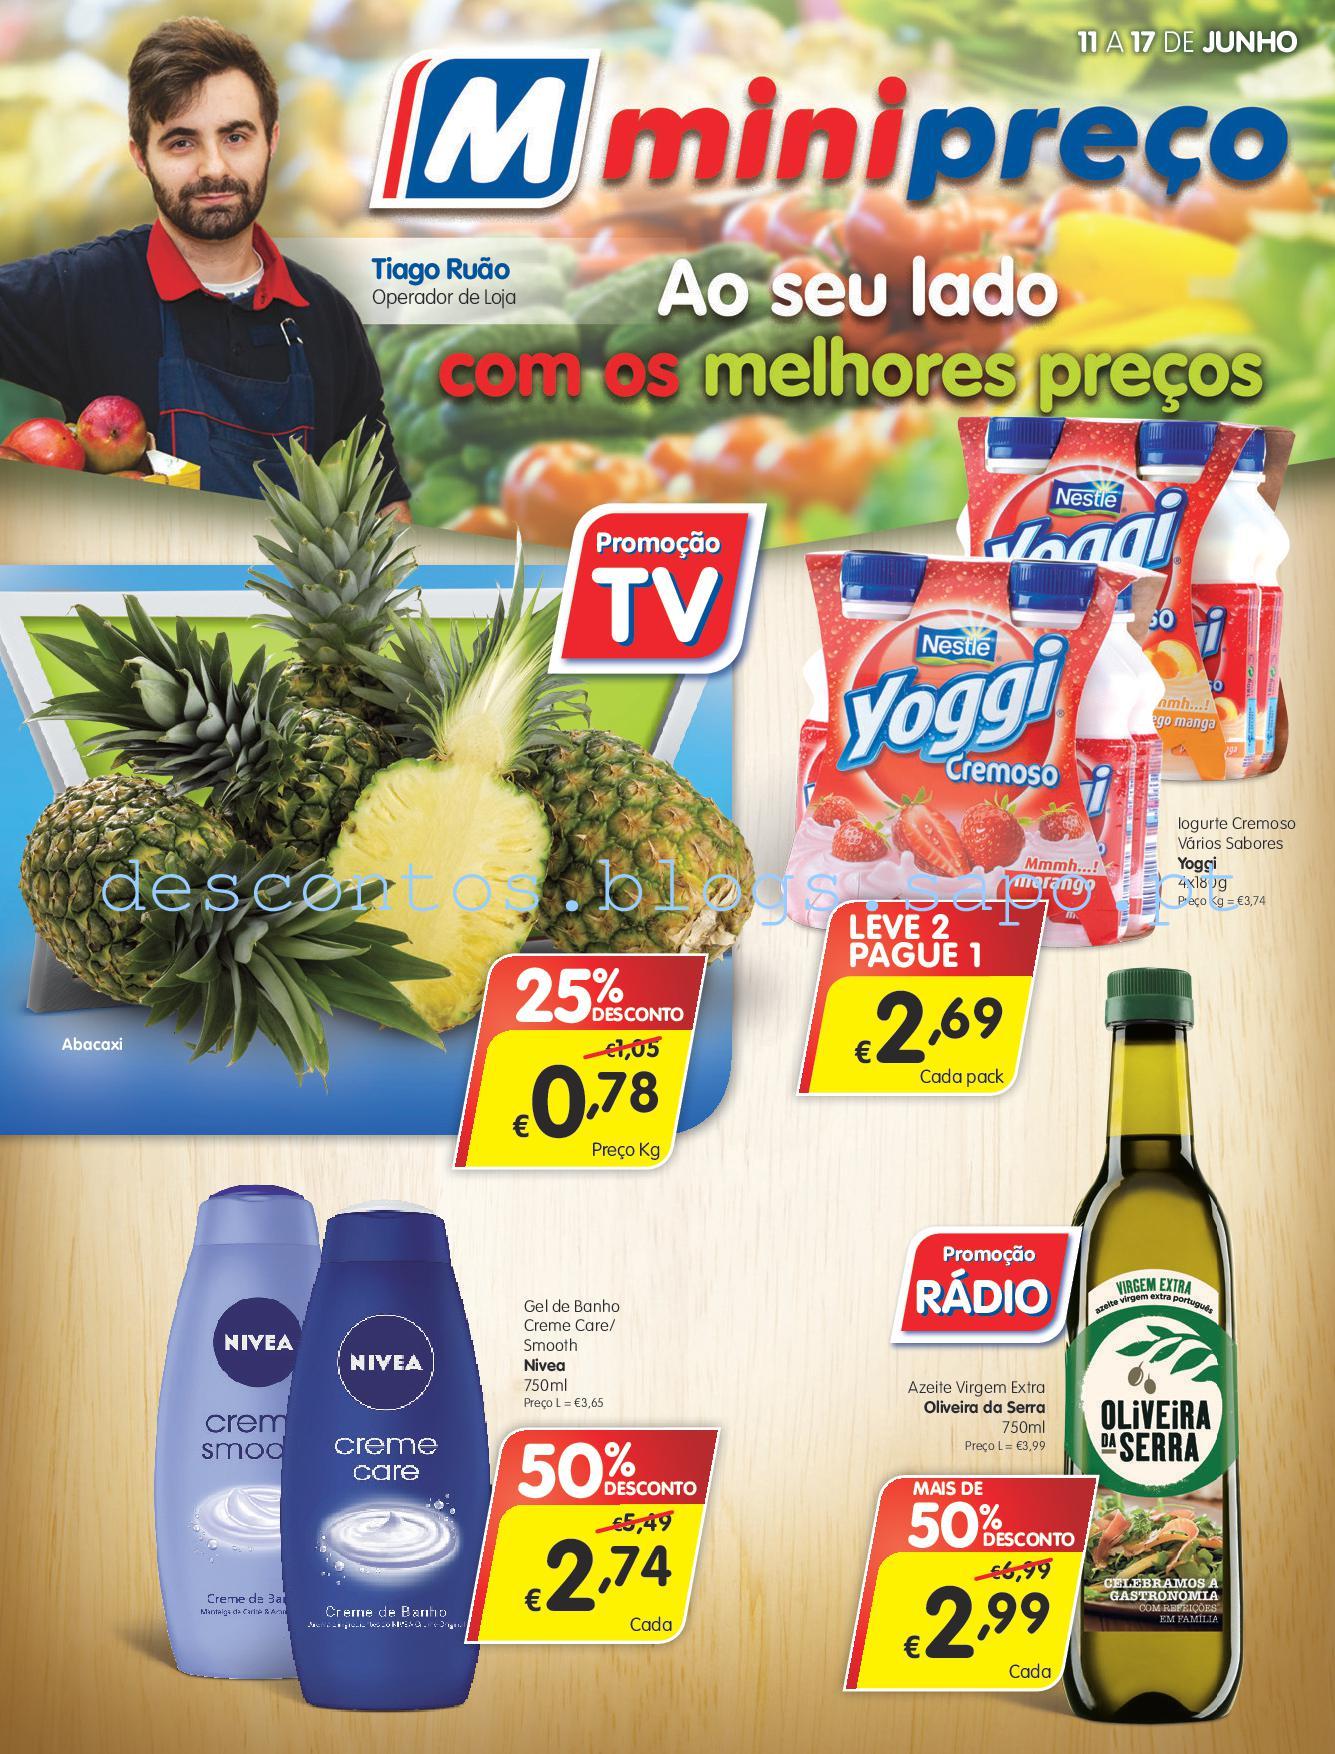 MINIPREÇO FOLHETO_11a17Jun-001.jpg